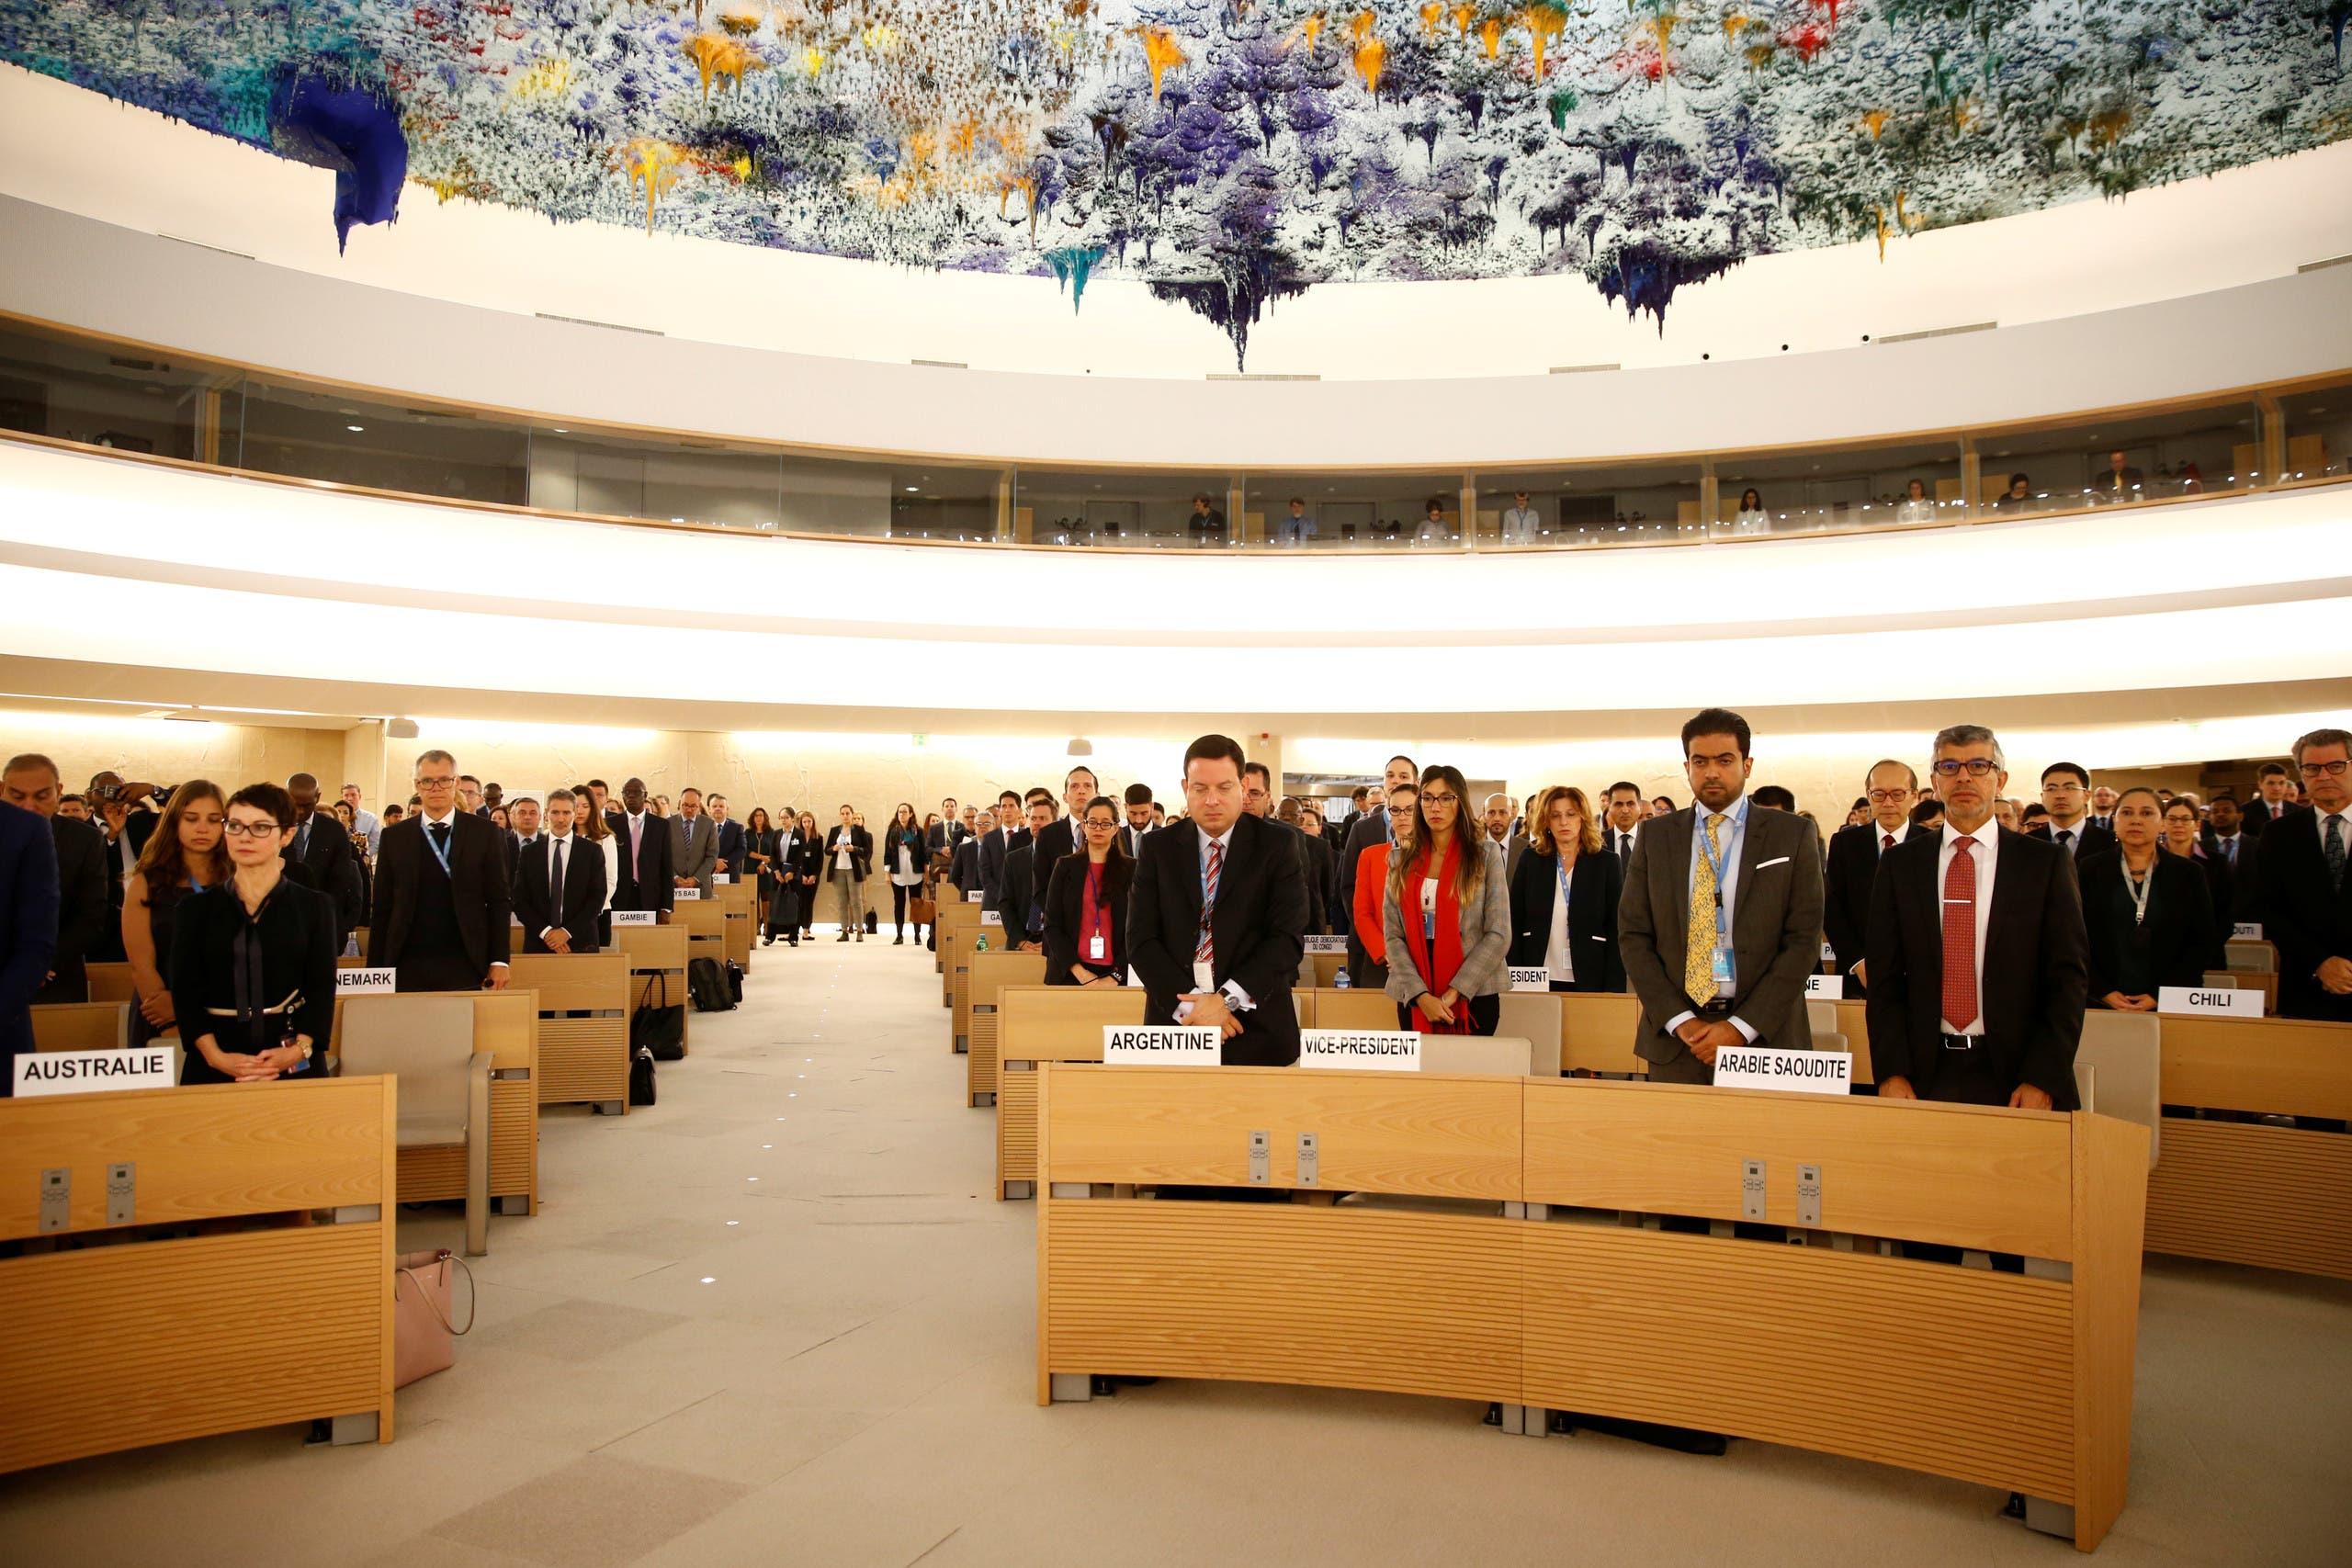 مجلس حقوق الإنسان التابع للأمم المتحدة - جنيف